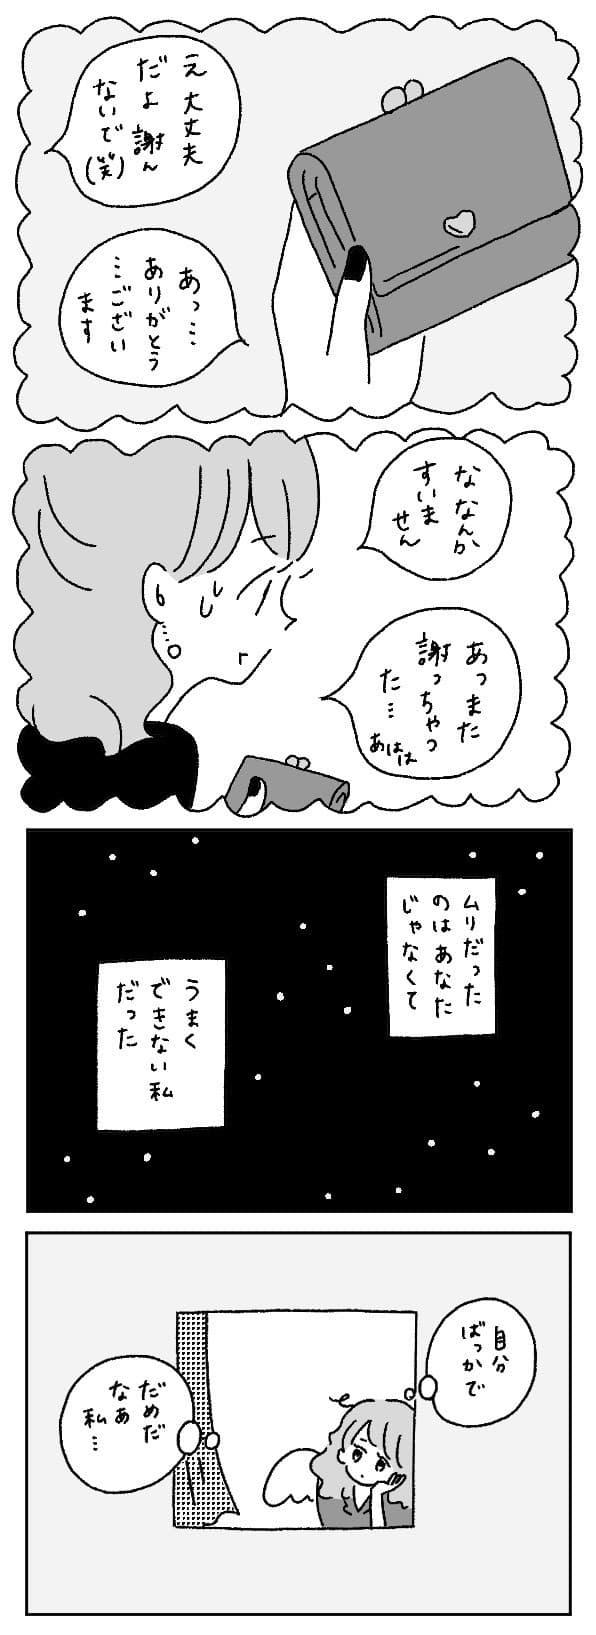 黄身子さんが描くエンジェルOLちゃんの漫画画像